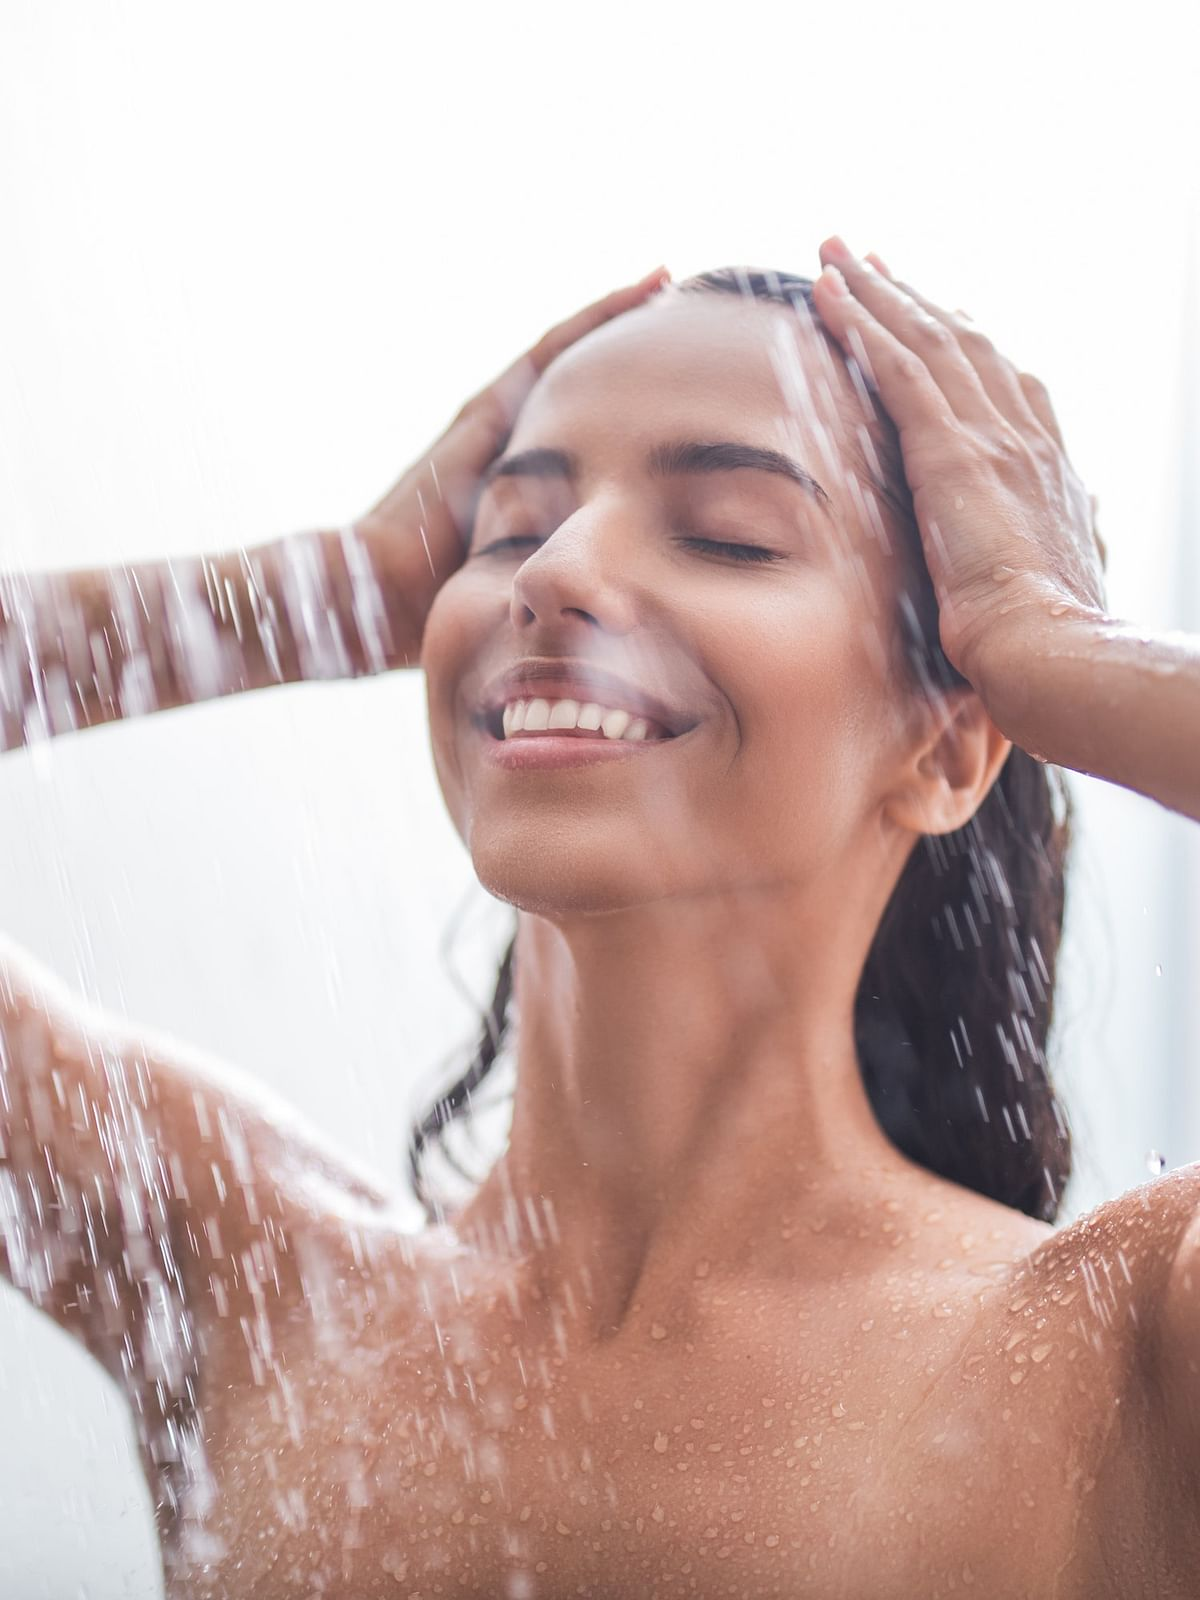 Hot Water Benefits: गर्म पानी से नहाना है काफी फायदेमंद, स्किन से लेकर ब्लड प्रेशर तक को कम करता है ये